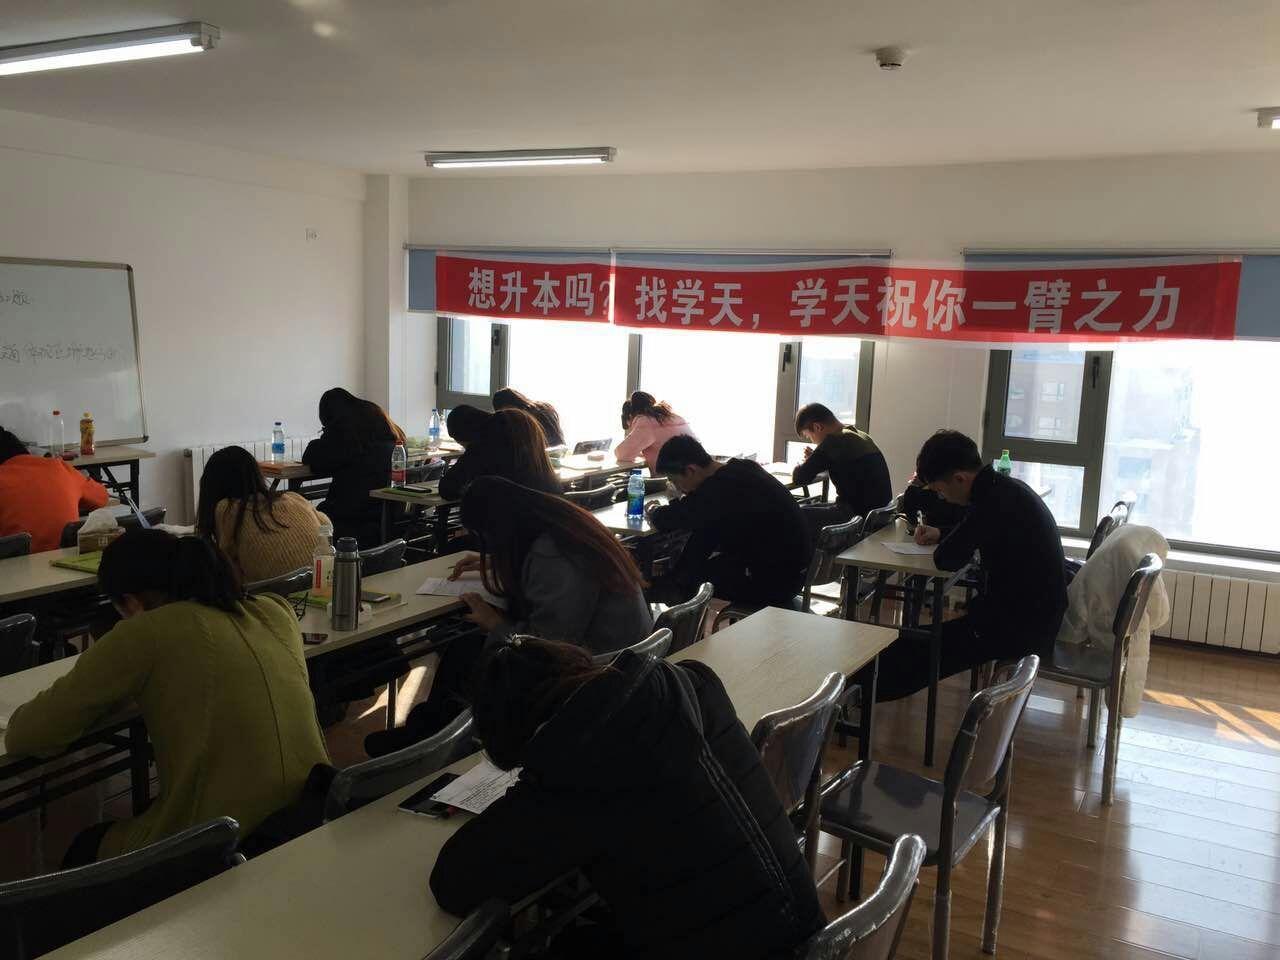 黑龙江百学堂教育培训中心